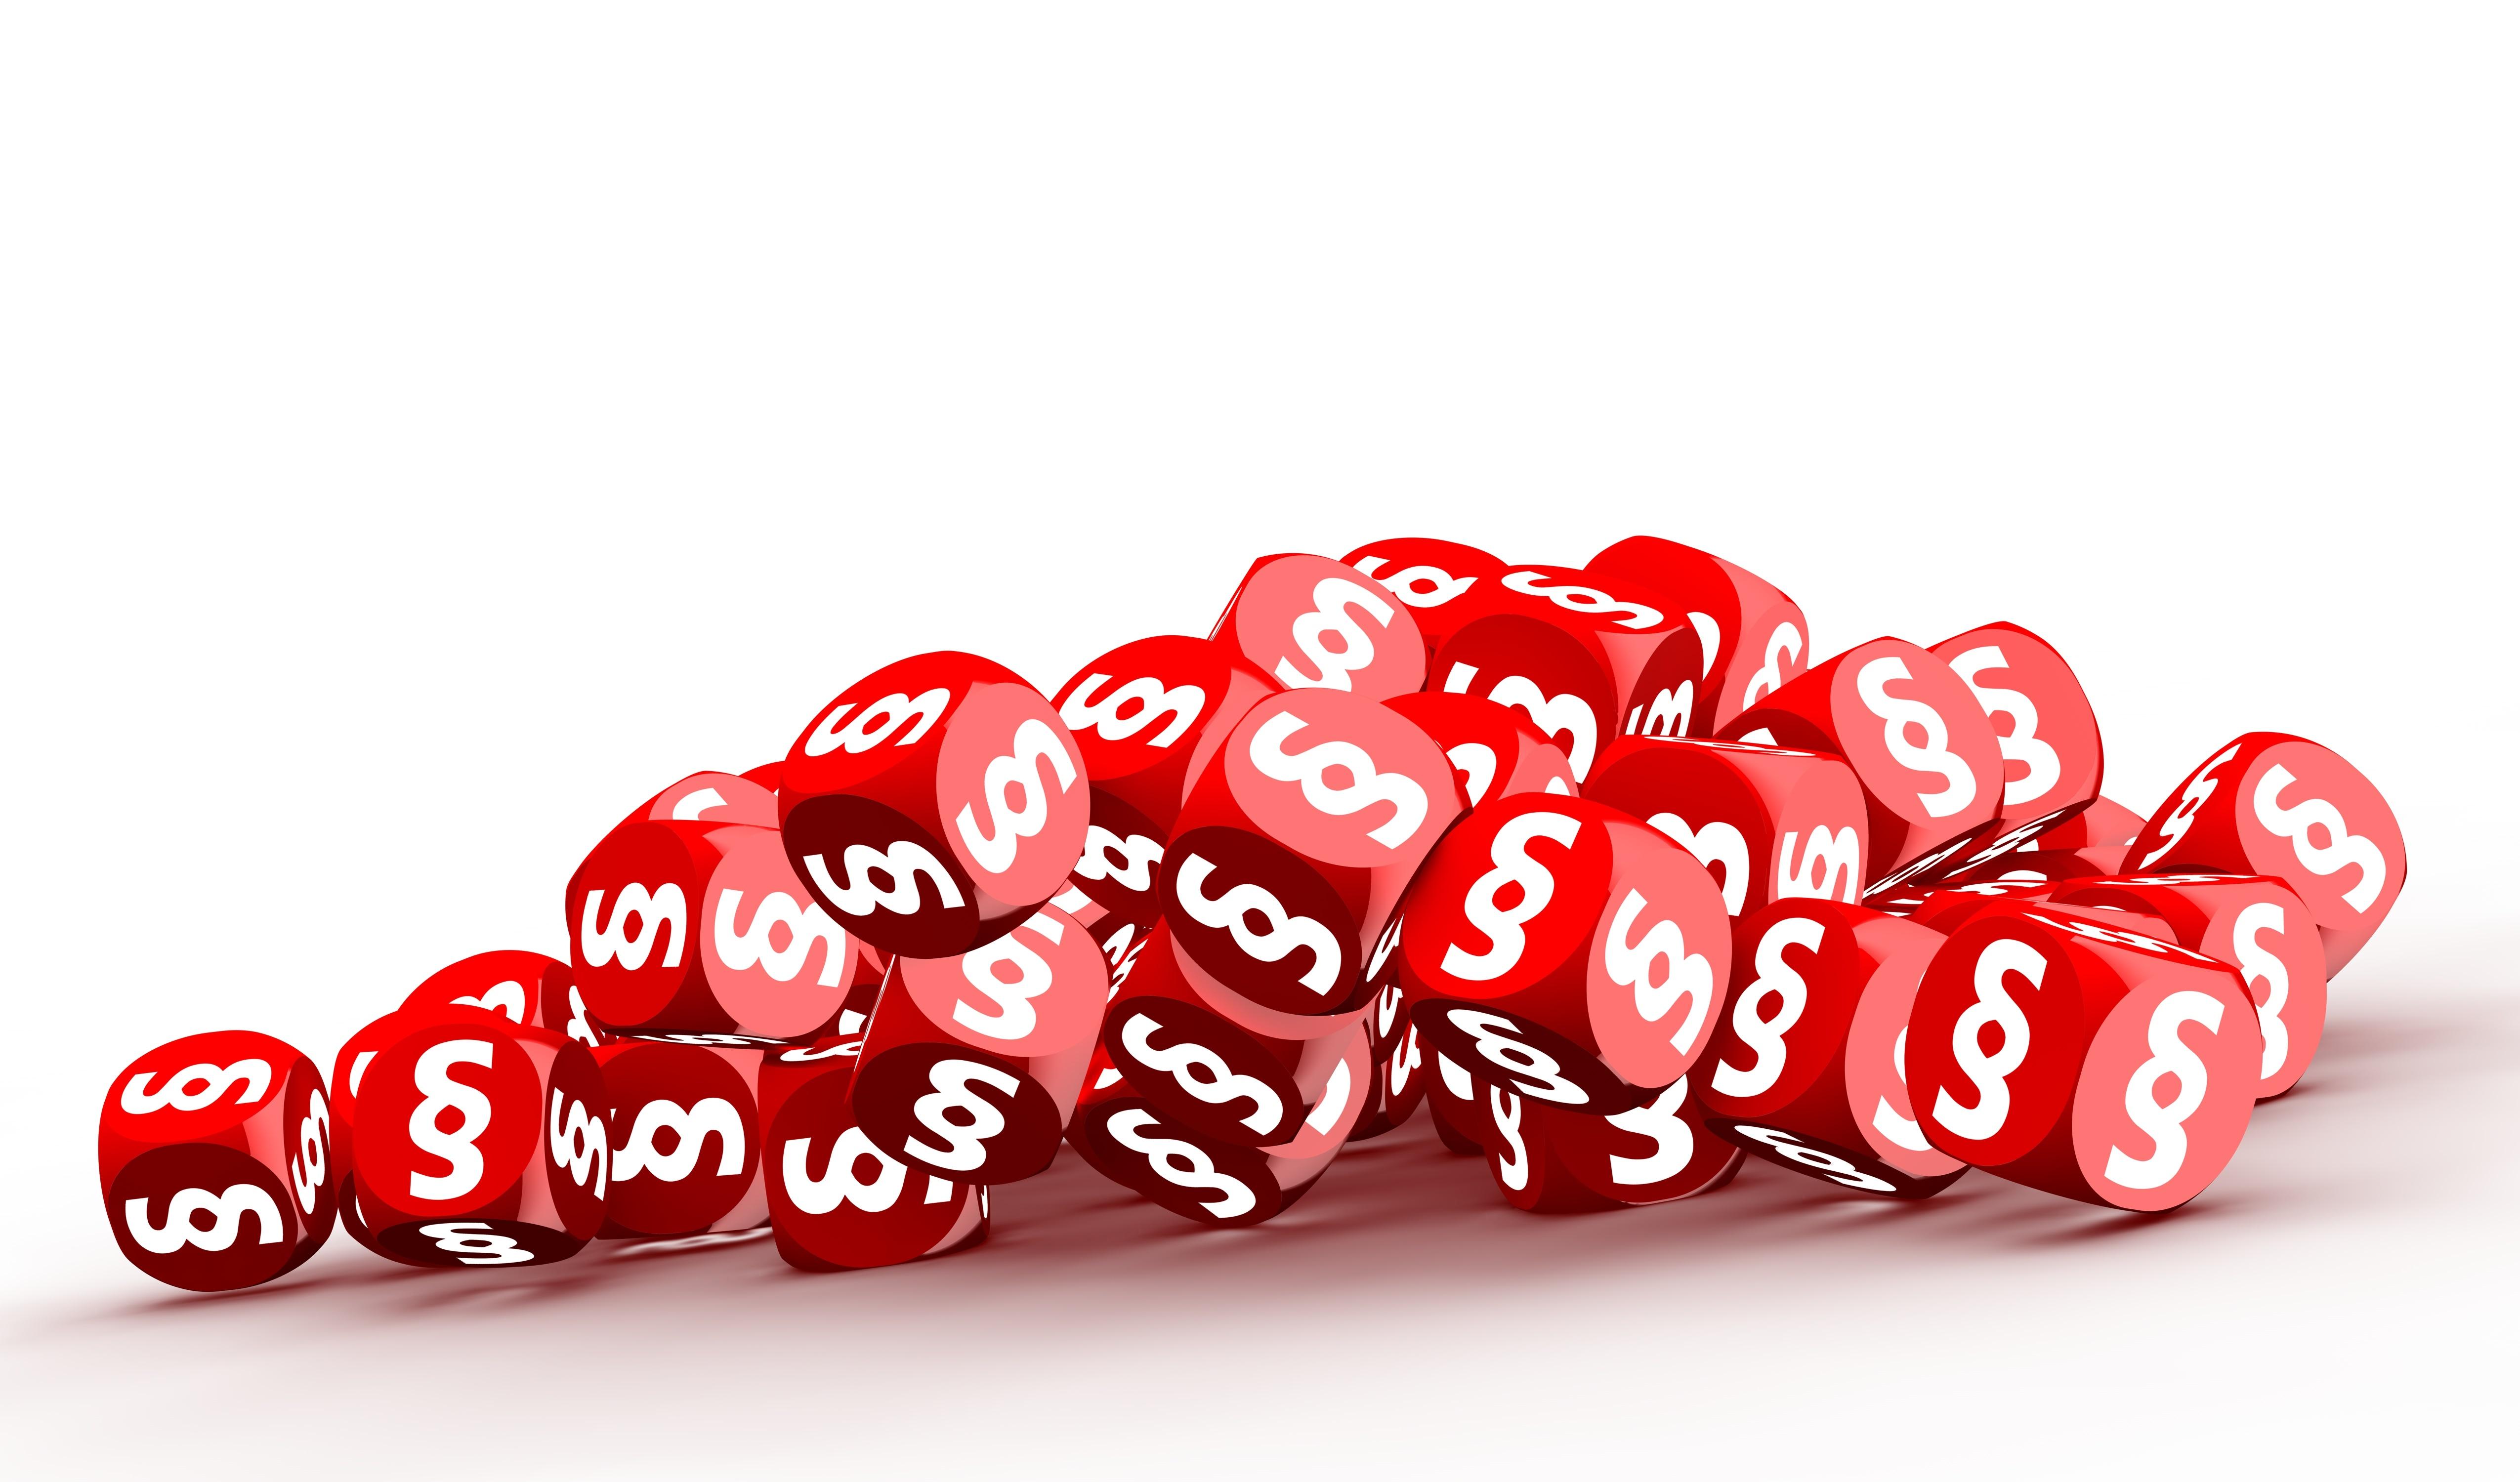 Spielsucht Effektiv Bekämpfen